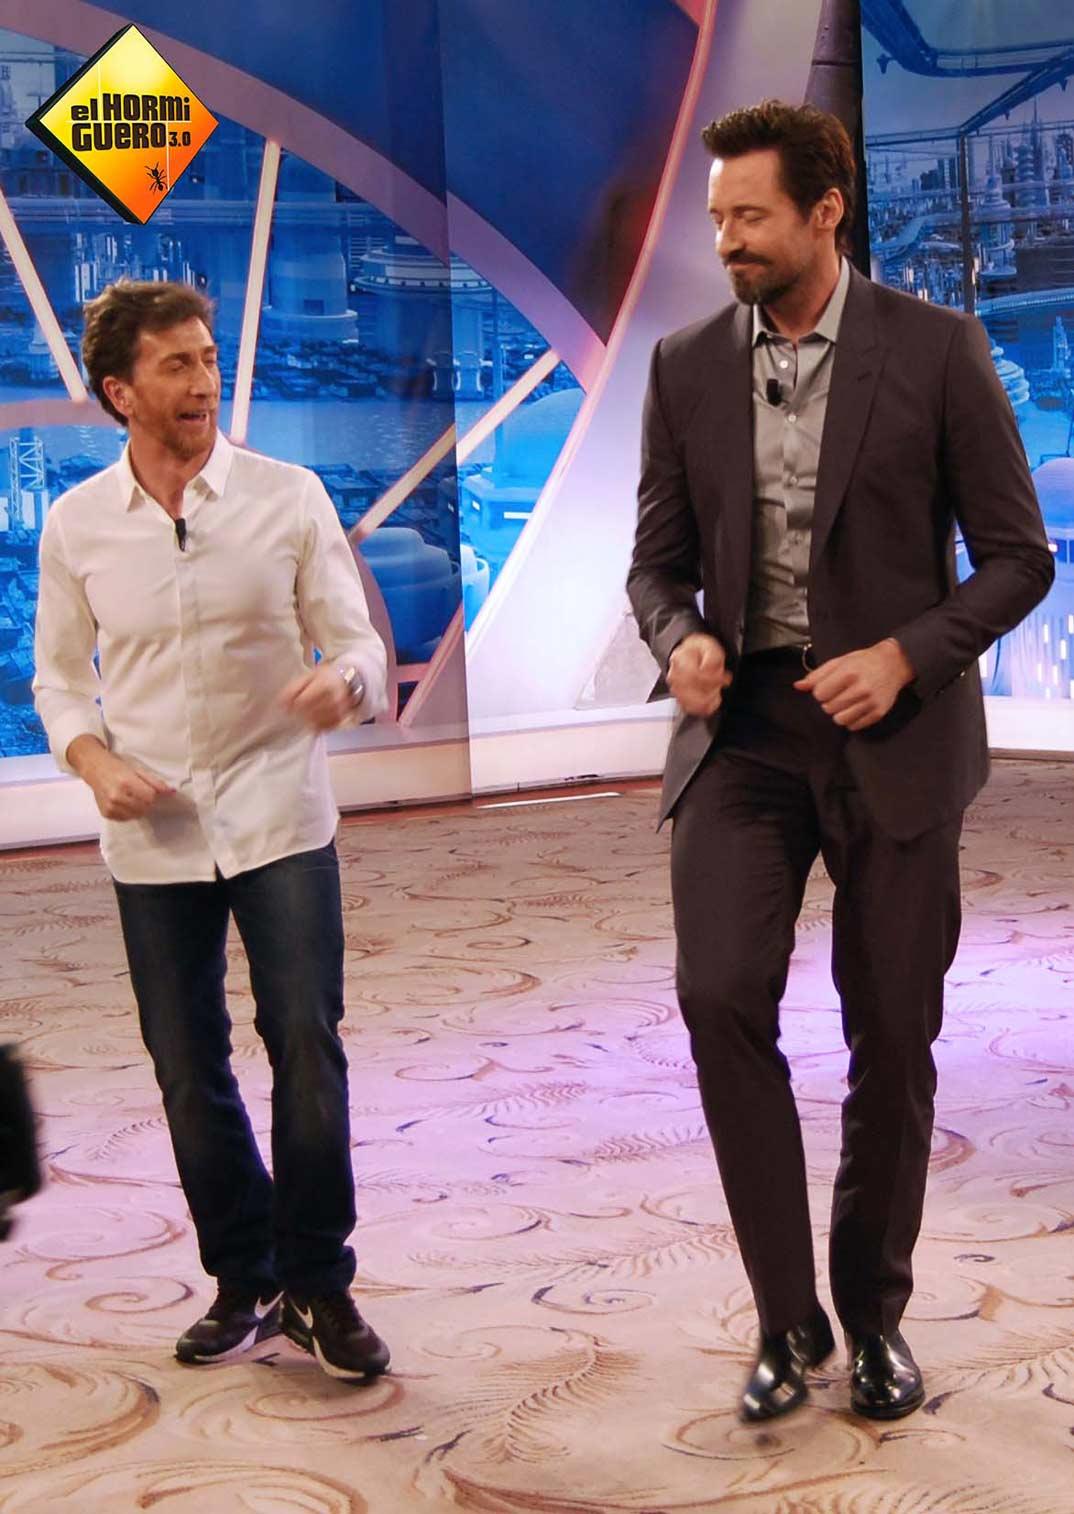 ¿Cuánto mide Hugh Jackman? - Altura - Real height Hugh-jackman-3